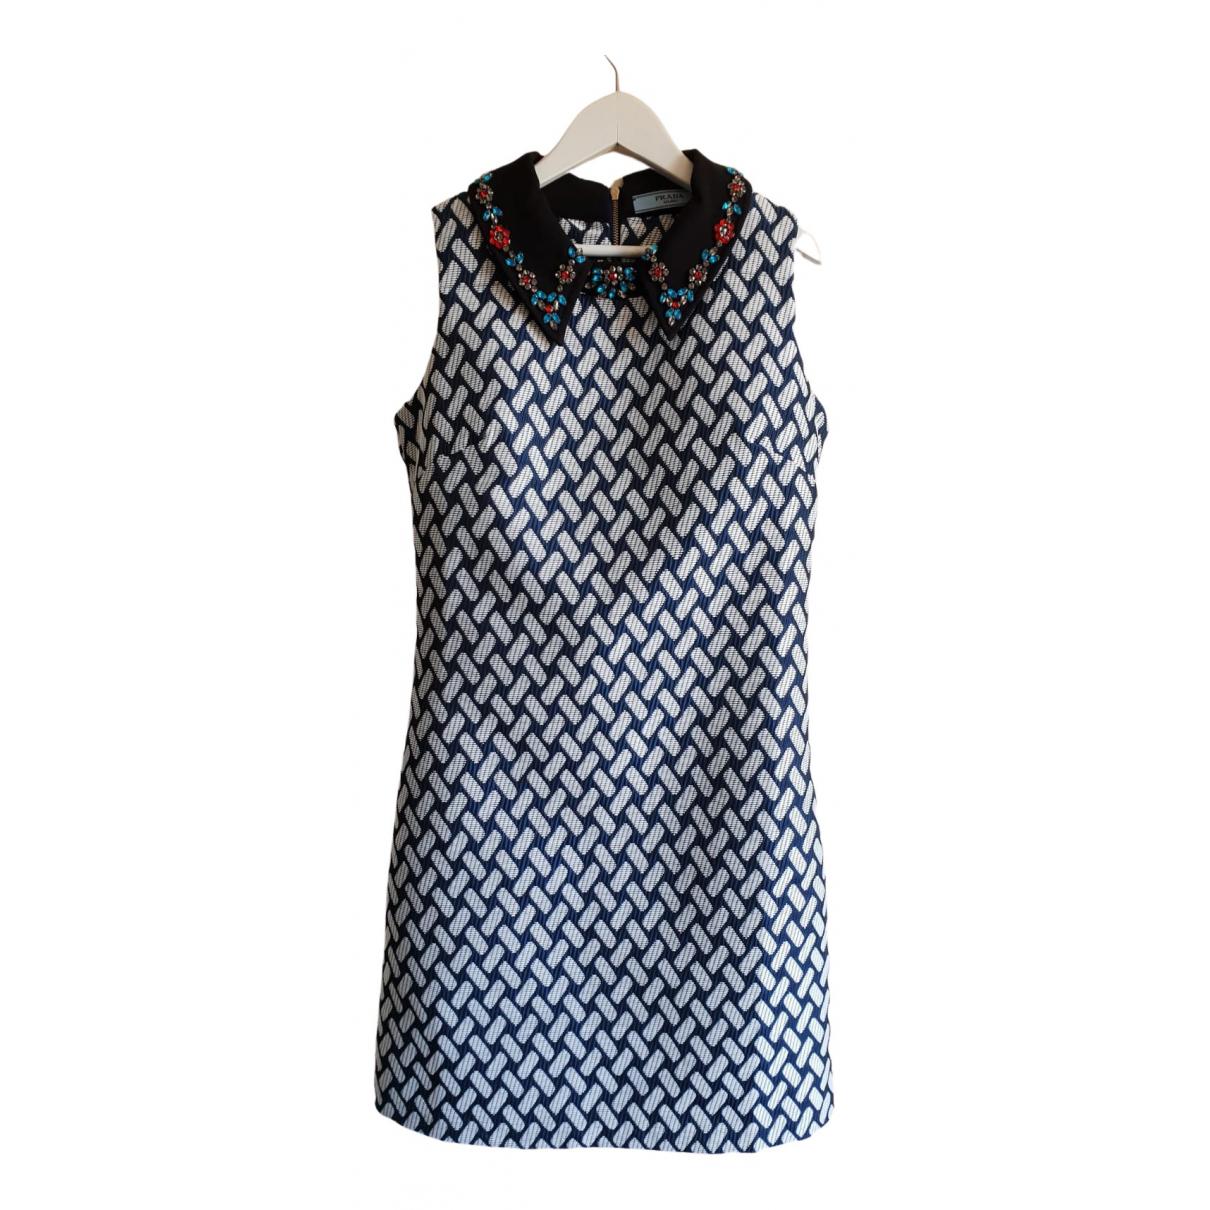 Prada N Multicolour dress for Women 36 FR